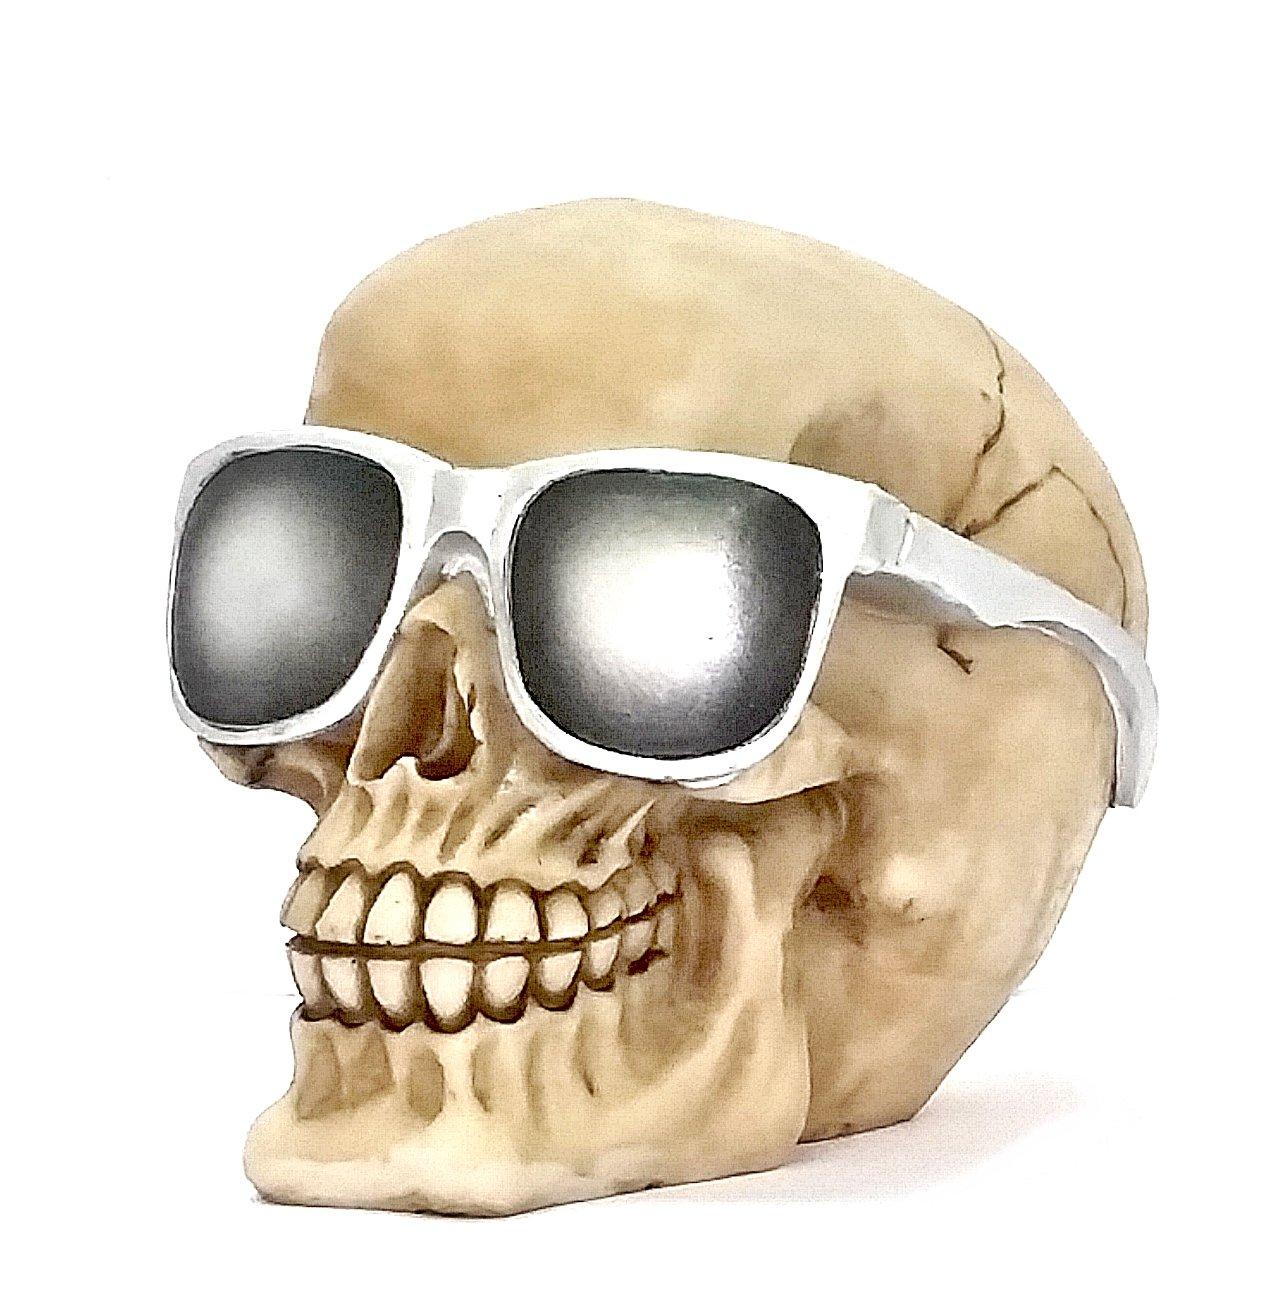 Bellaa 21343 Skeleton Skull Statues Realistic 5